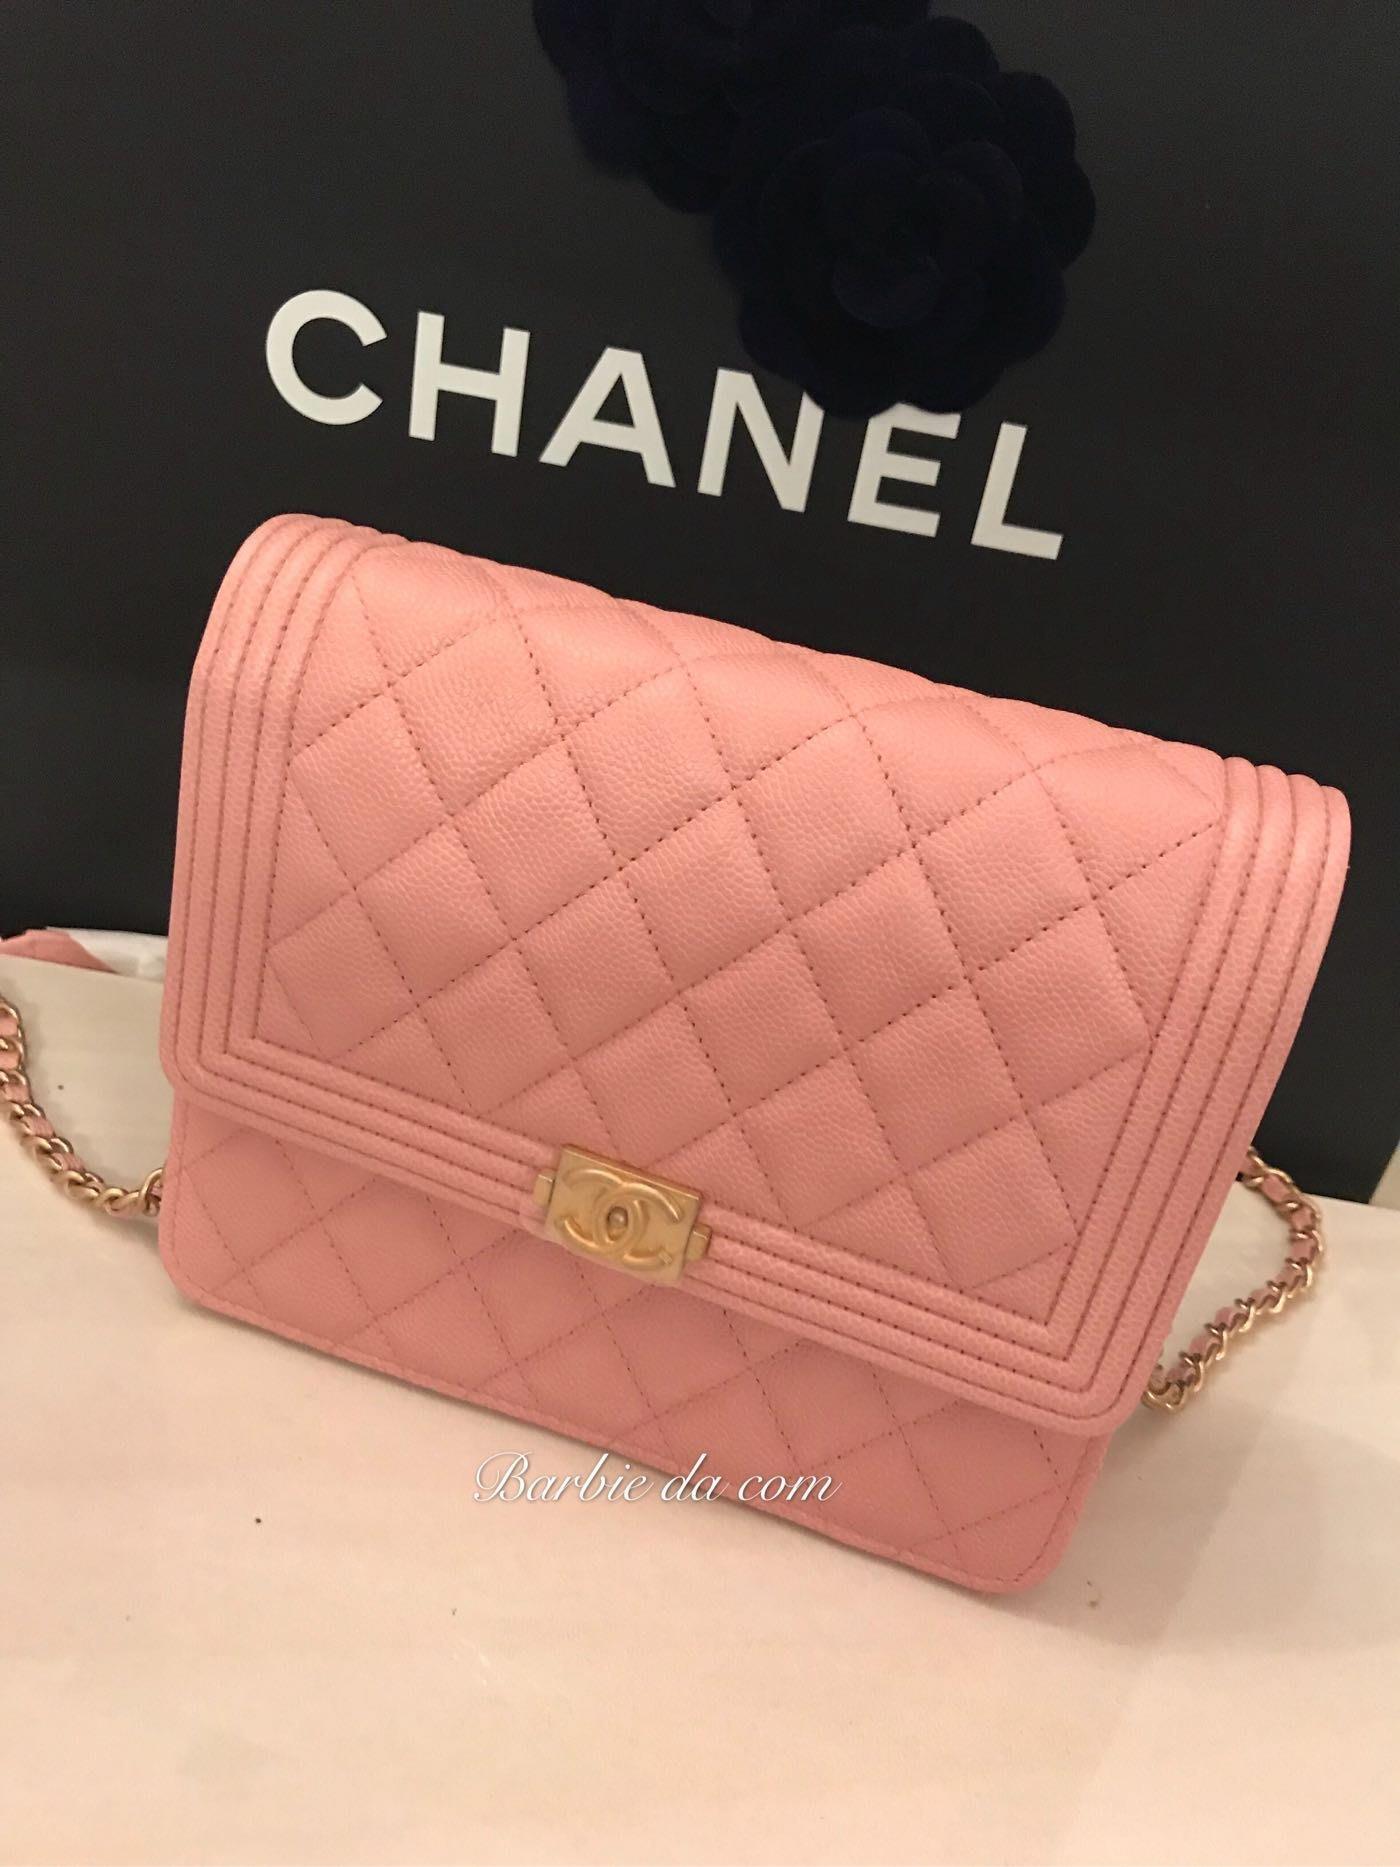 Chanel boy woc 方 包 粉紅 荔枝 金鏈 全新 正品 square